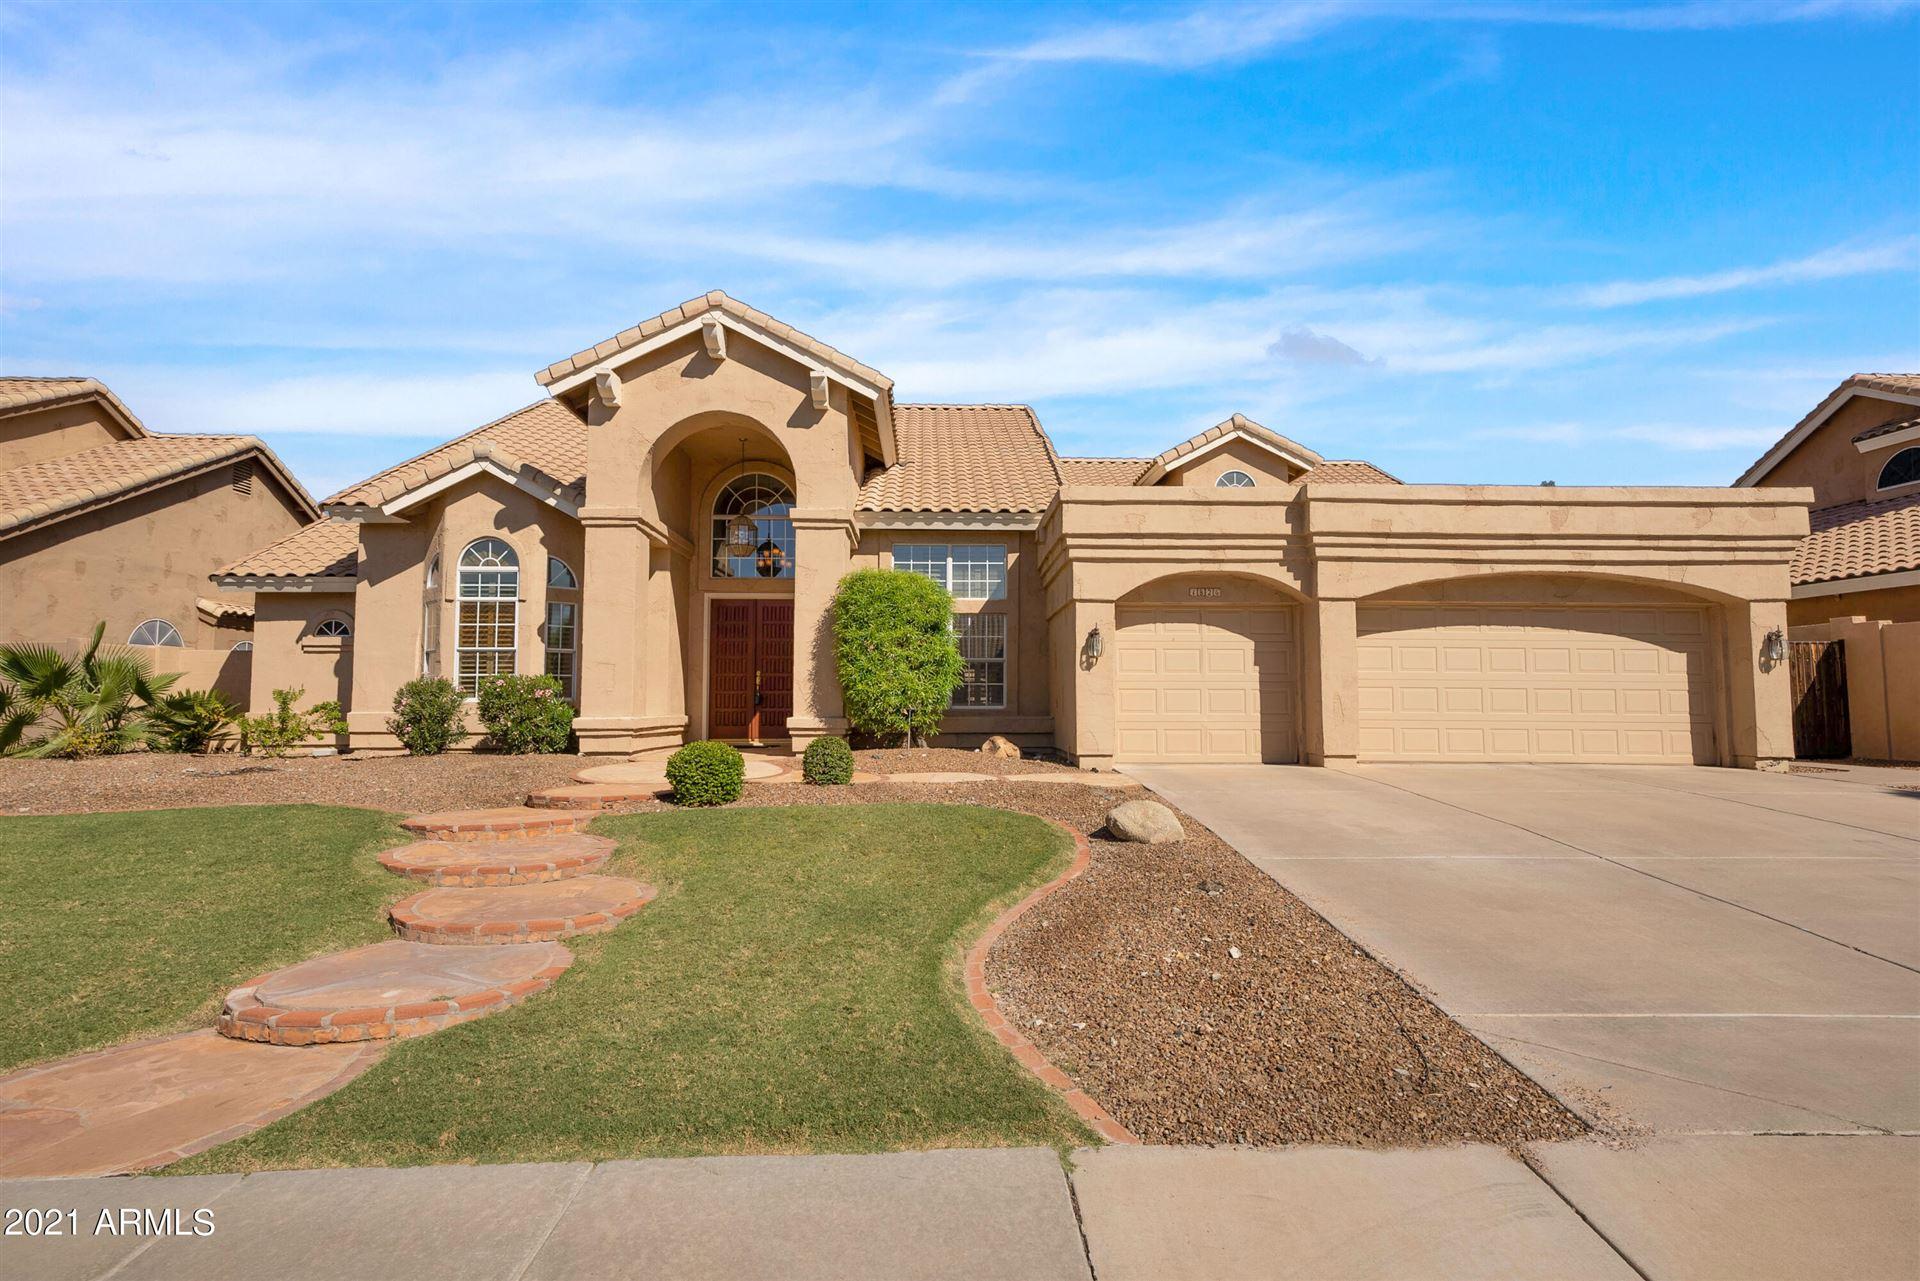 1826 E SOUTH FORK Drive, Phoenix, AZ 85048 - MLS#: 6308019